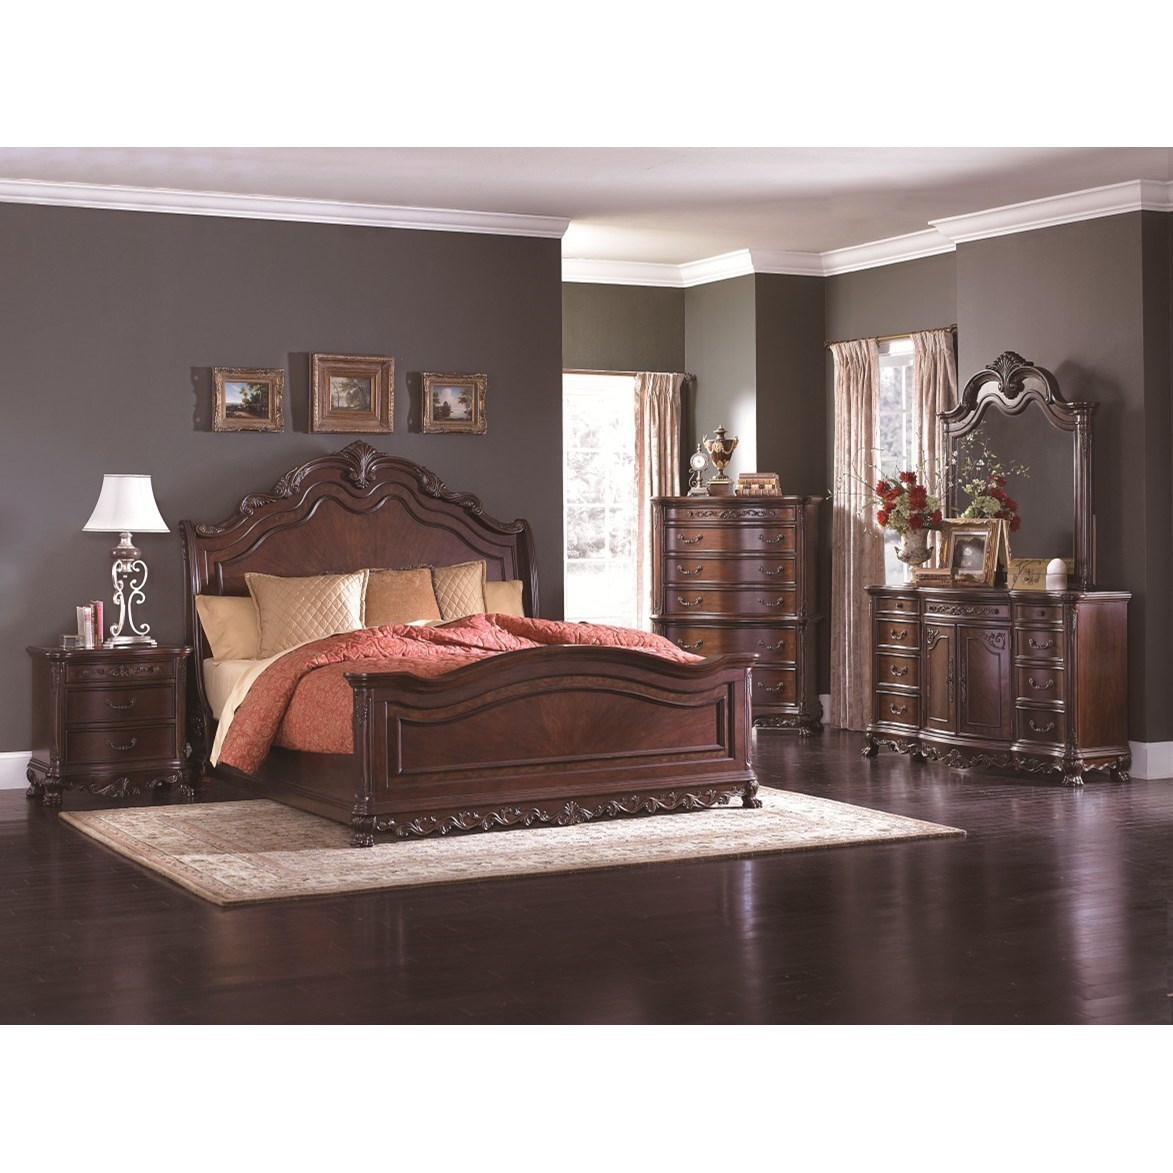 Homelegance Deryn Park Traditional Queen Bedroom Group